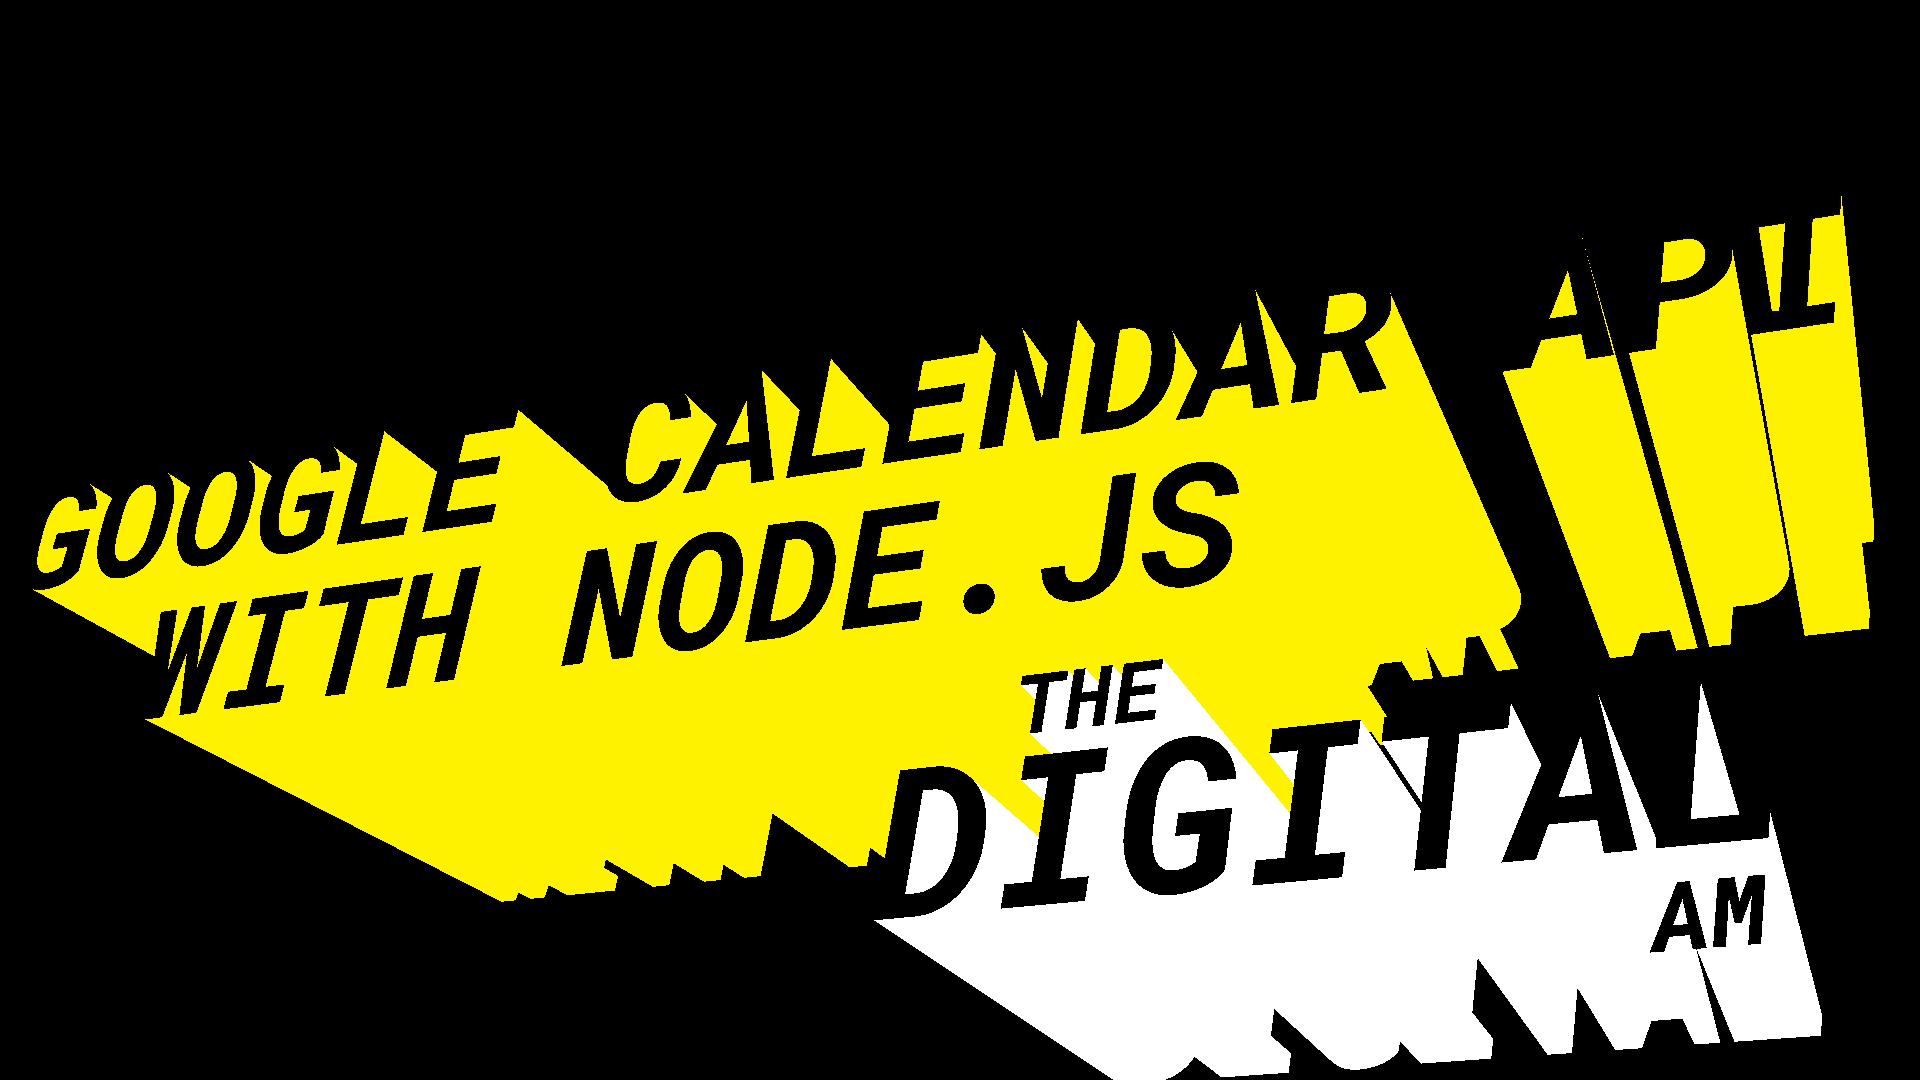 google calendar api with node.js